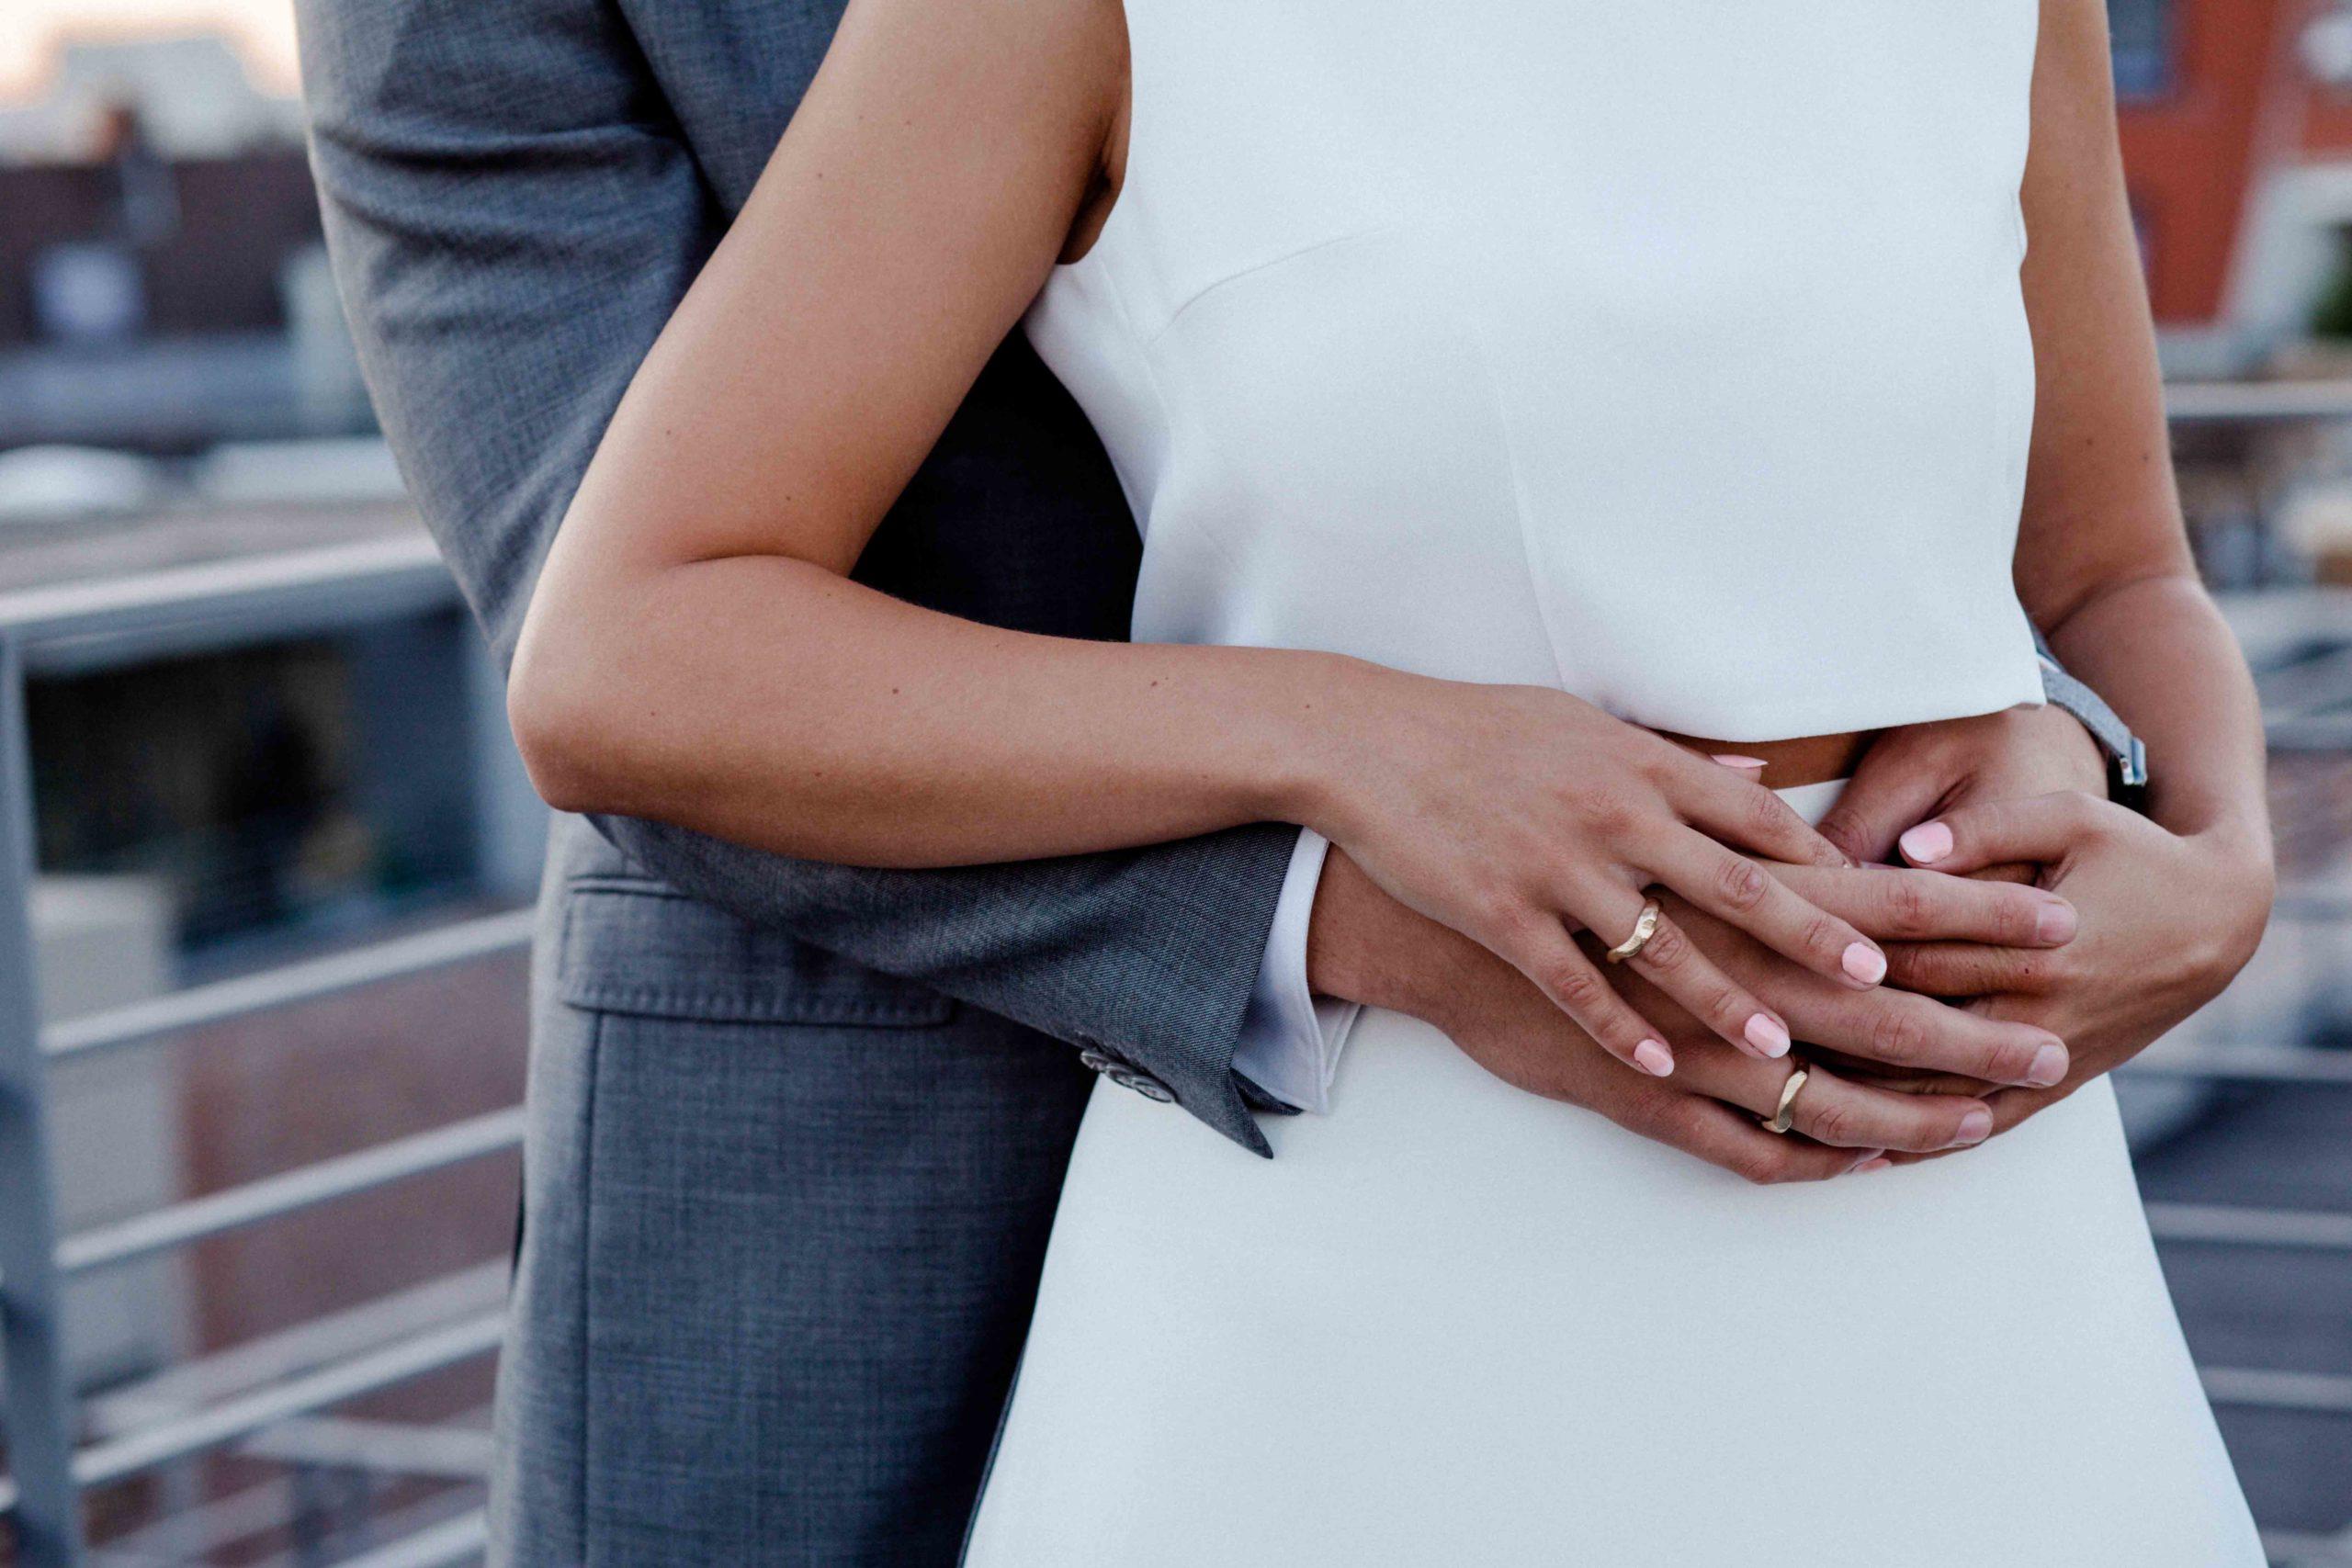 Styled Shoot Brautmode, Bräutigam Braut von hinten umarmend, Detailaufnahme Eheringe an Händen